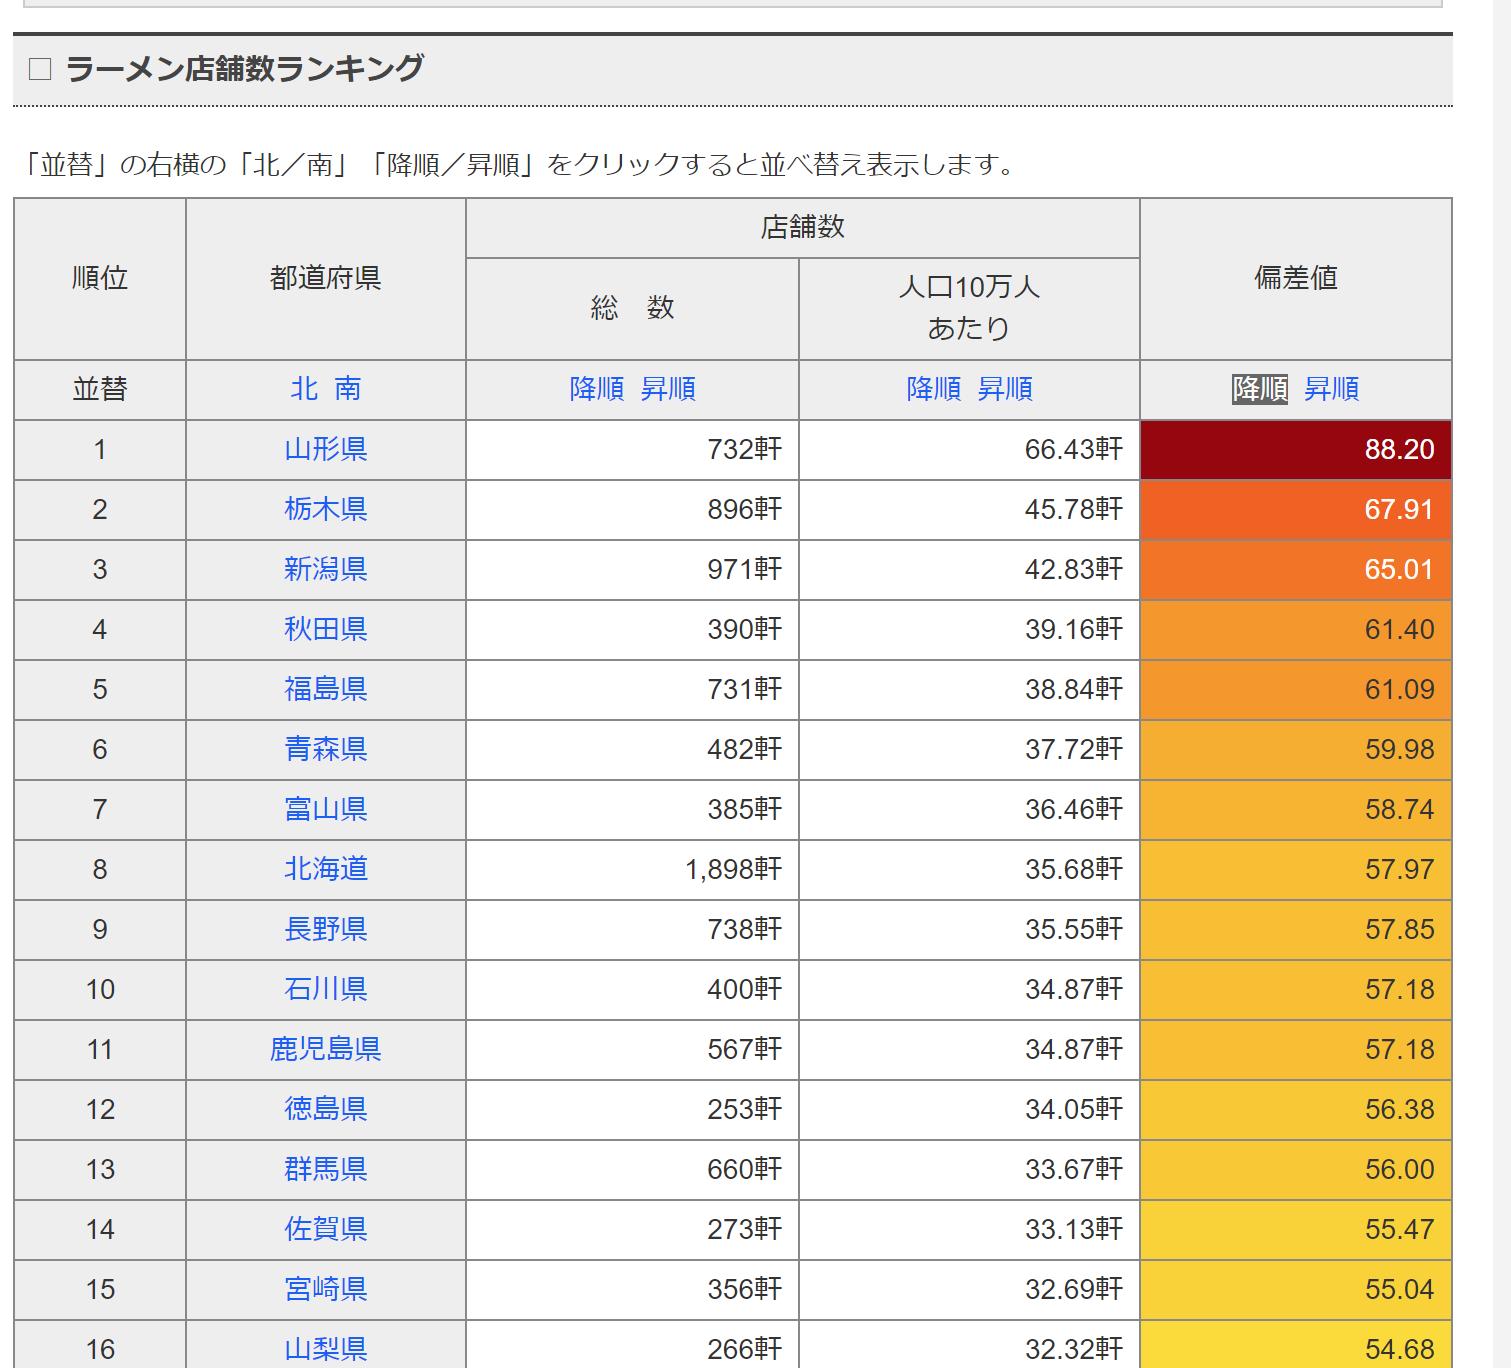 宮崎県のラーメン屋さんの店舗数